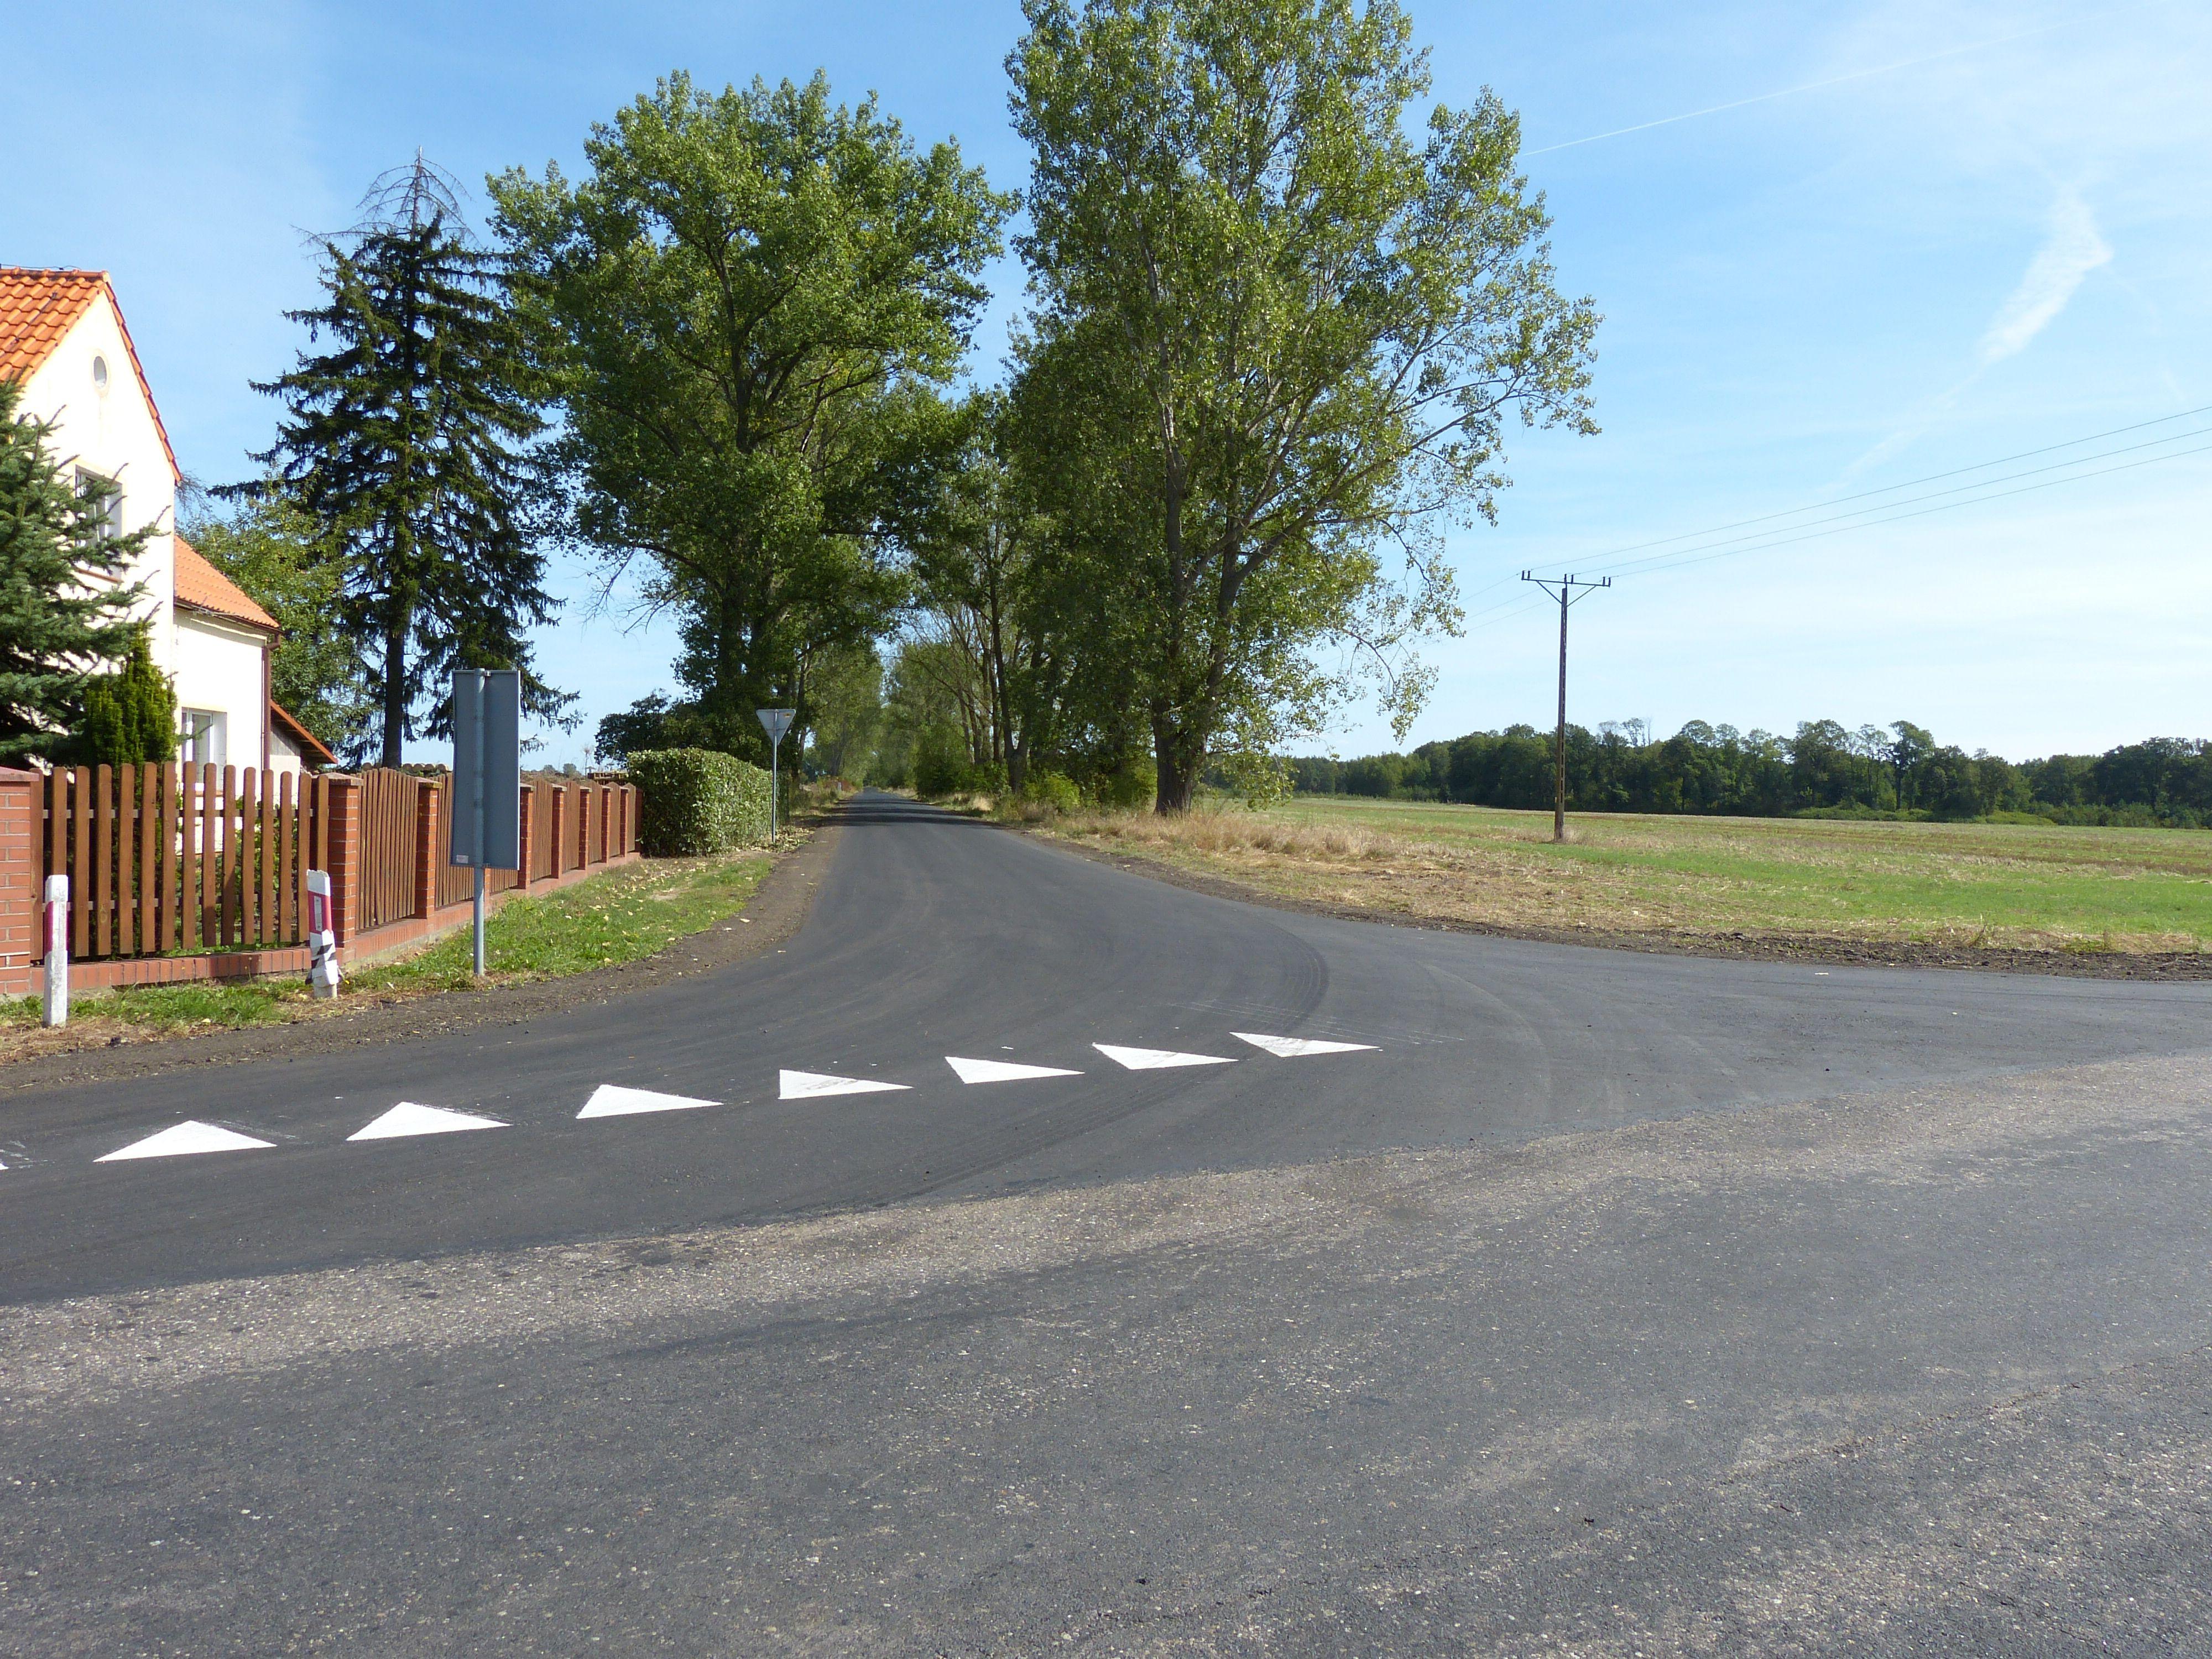 Ilustracja do informacji: Blisko 3 km dróg z nową nawierzchnią asfaltową